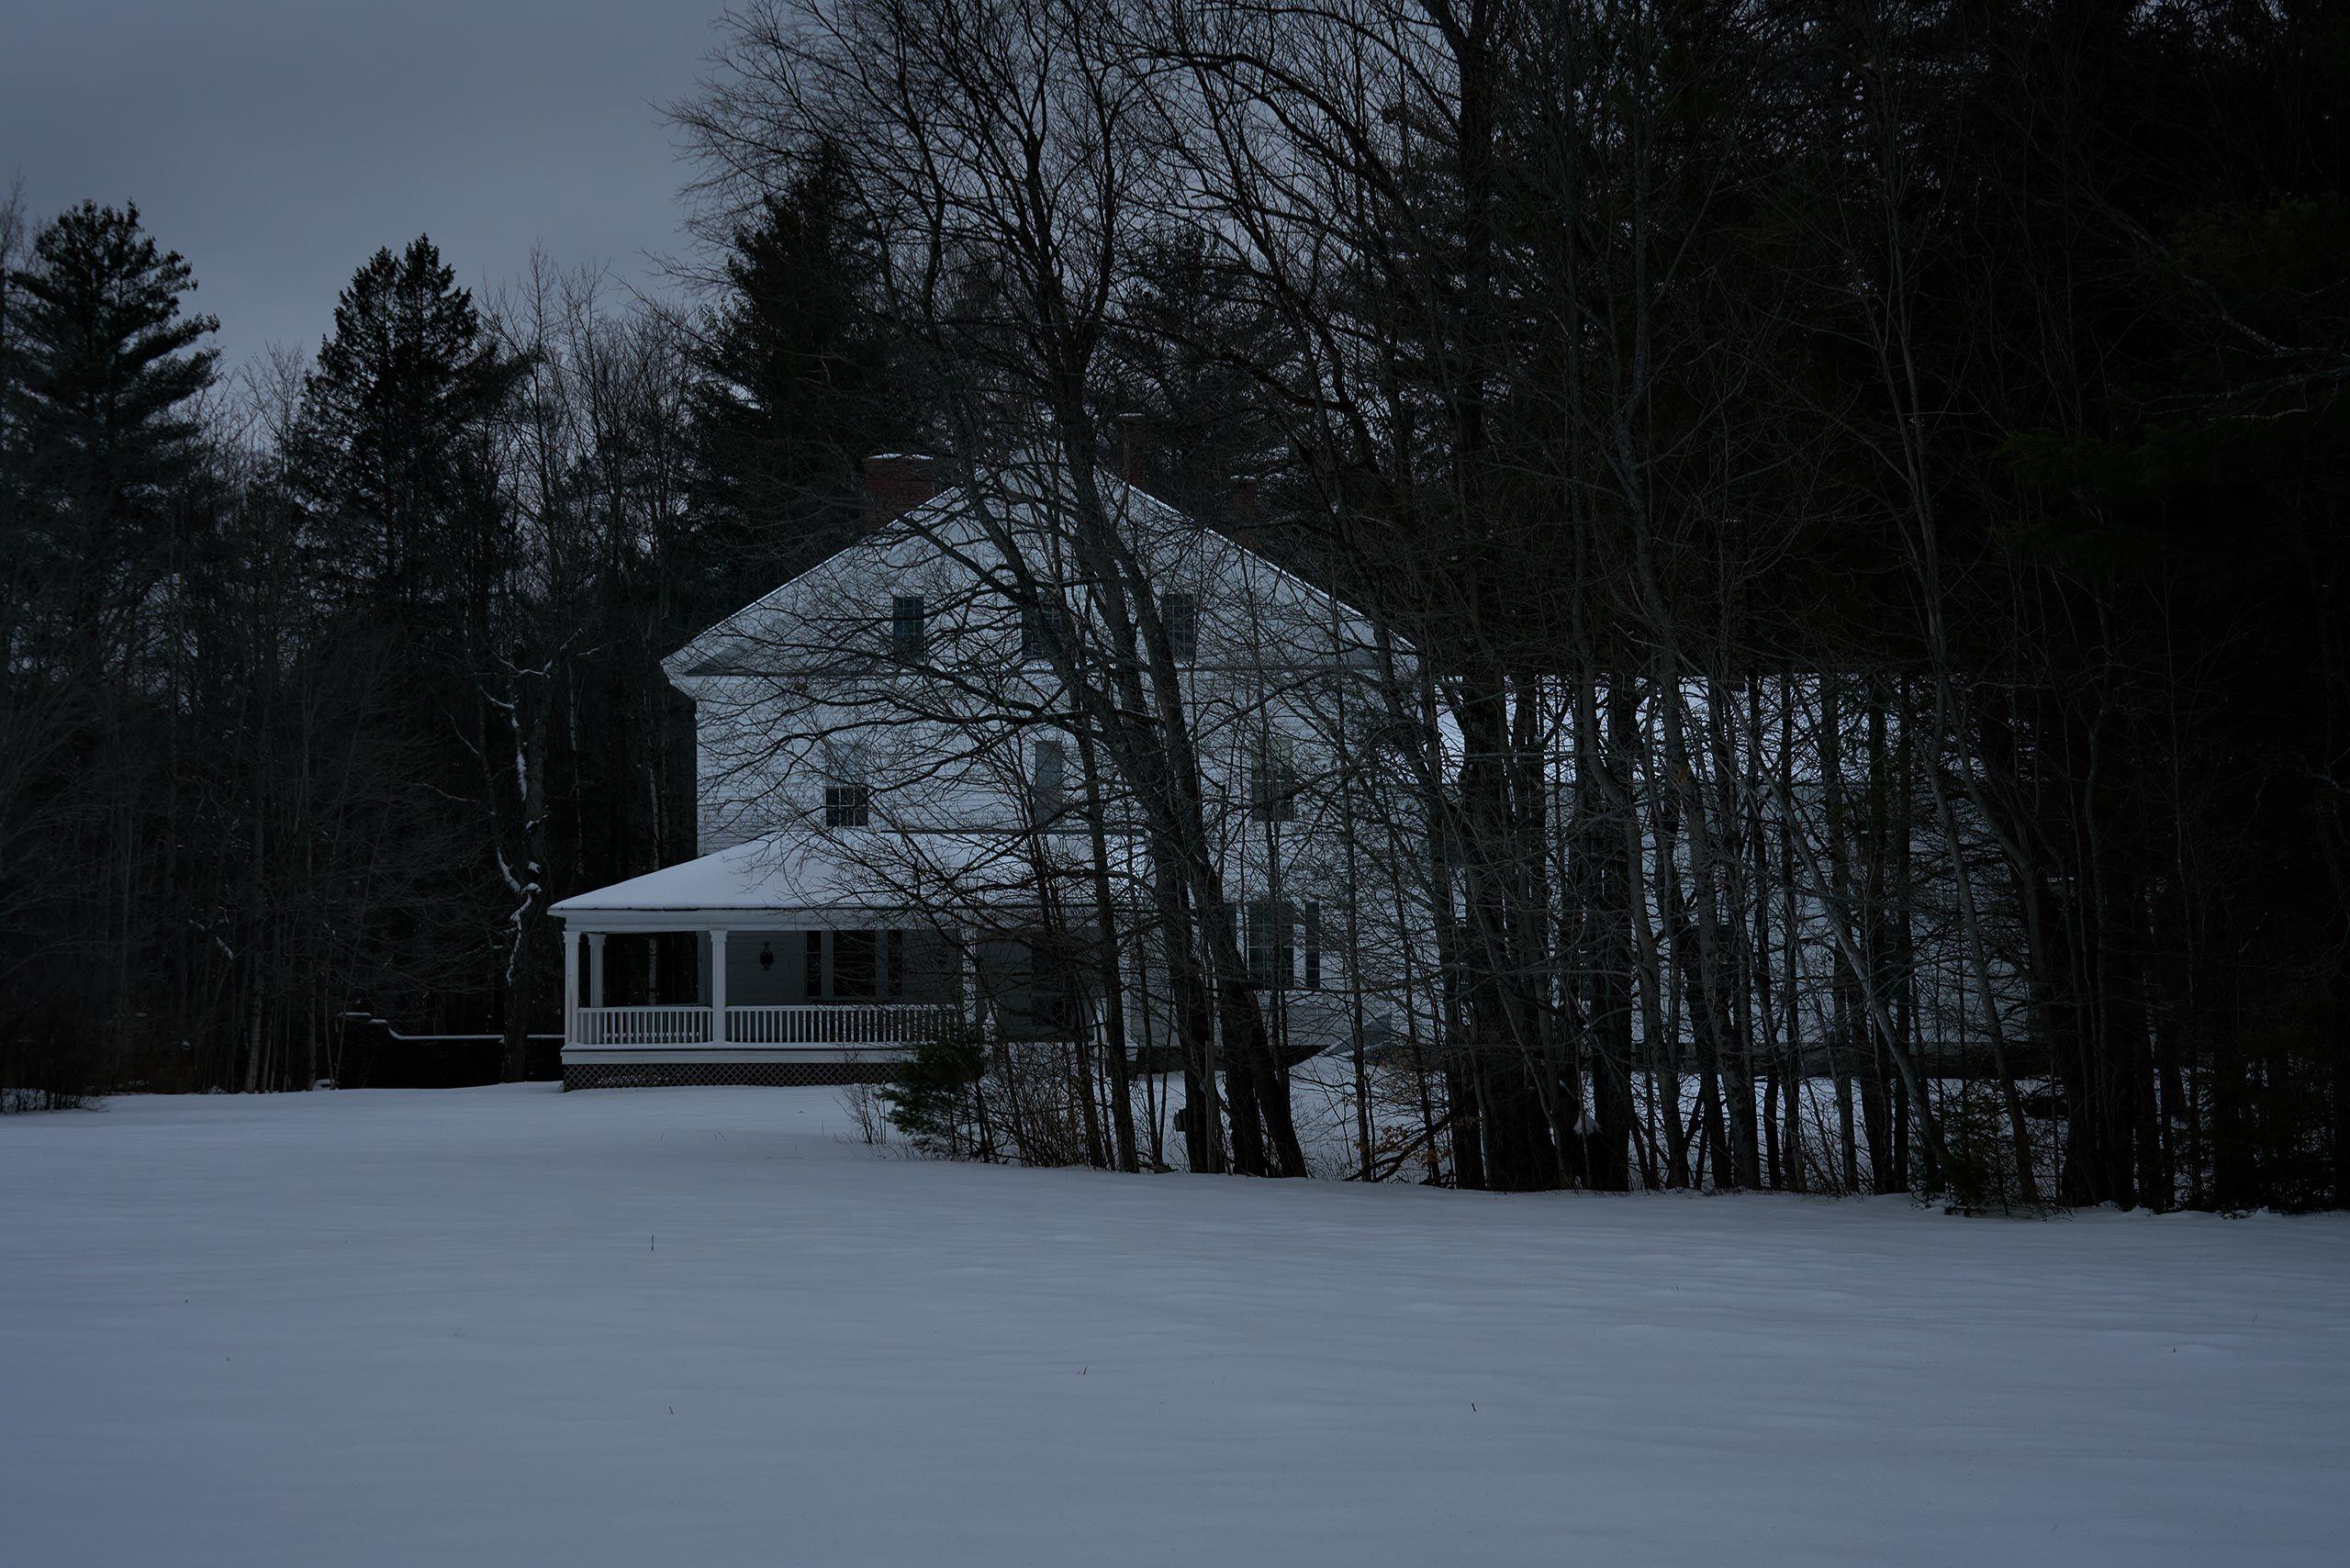 Alder-Creek-Winter-stills-2021-00230.jpg